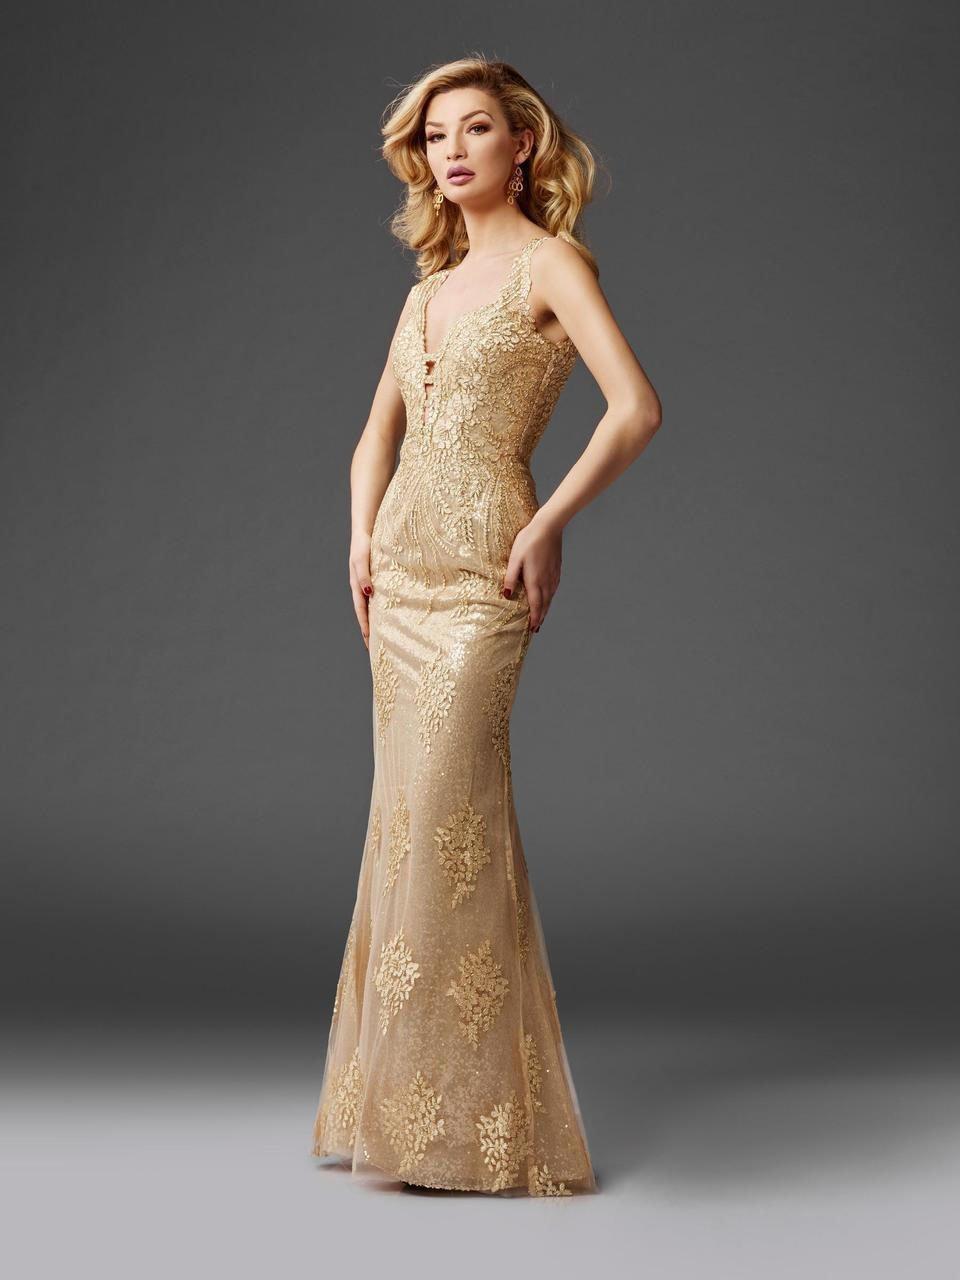 Clarisse - 4961 Embellished Deep V-neck Sheath Dress